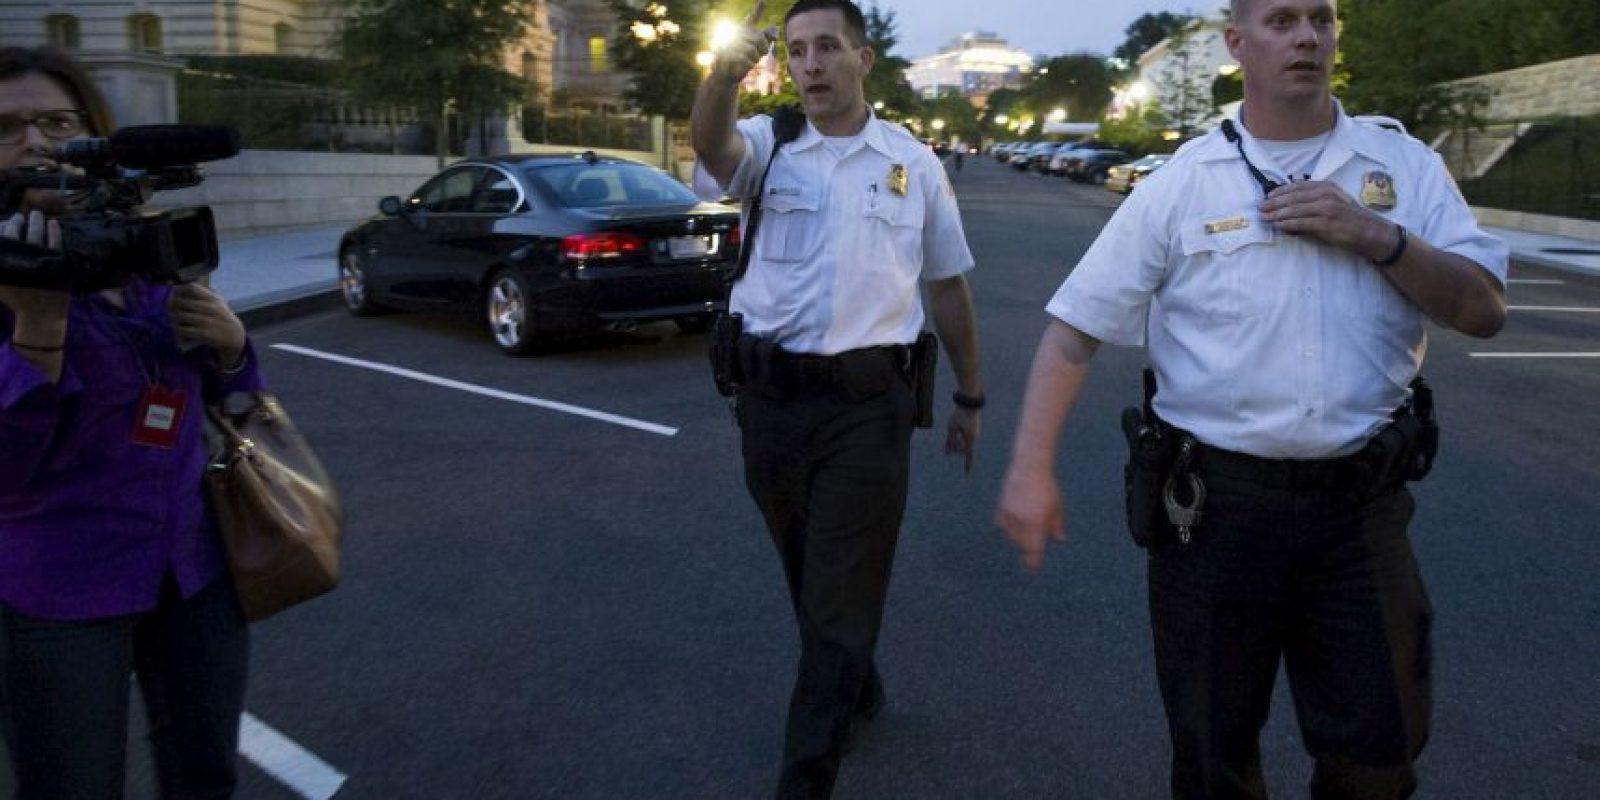 El presidente Barack Obama no se encontraba en la Casa Blanca al momento del incidente. Foto:AP